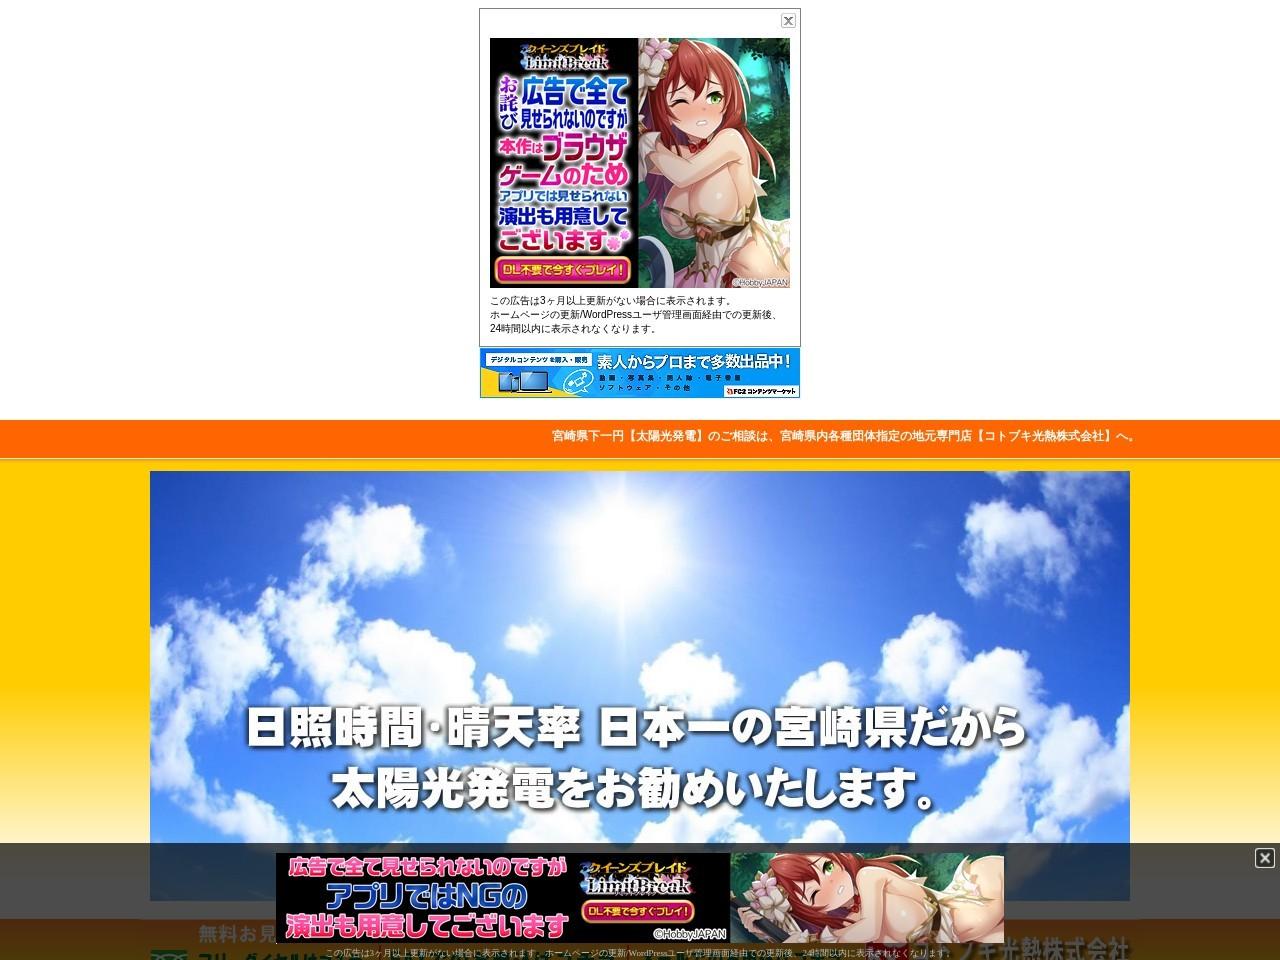 コトブキ光熱株式会社